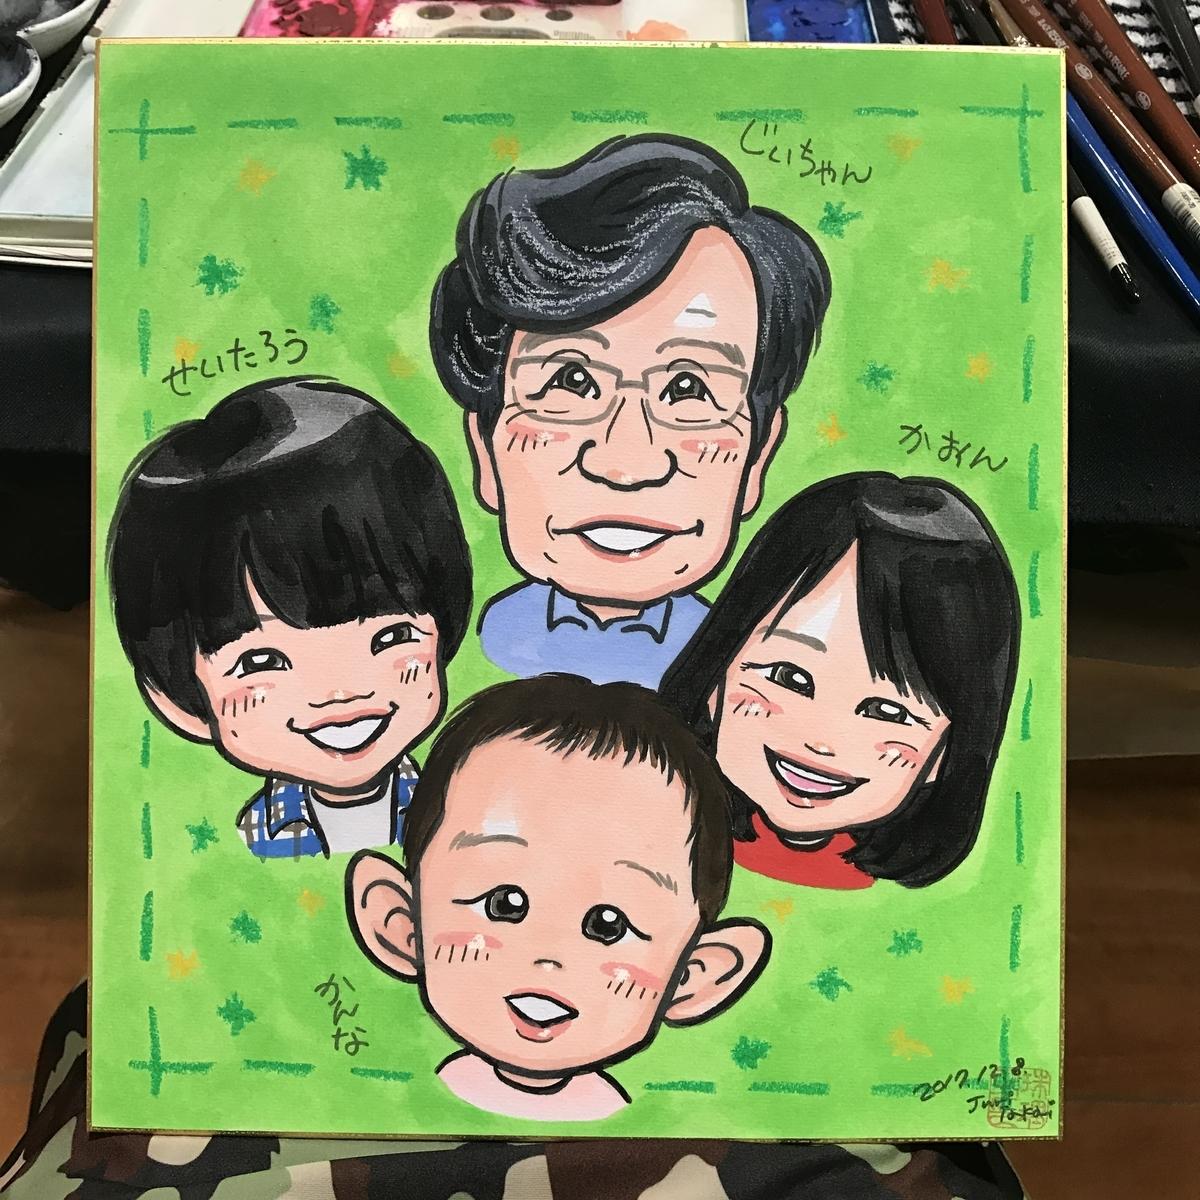 おじいちゃんとお孫さんの似顔絵